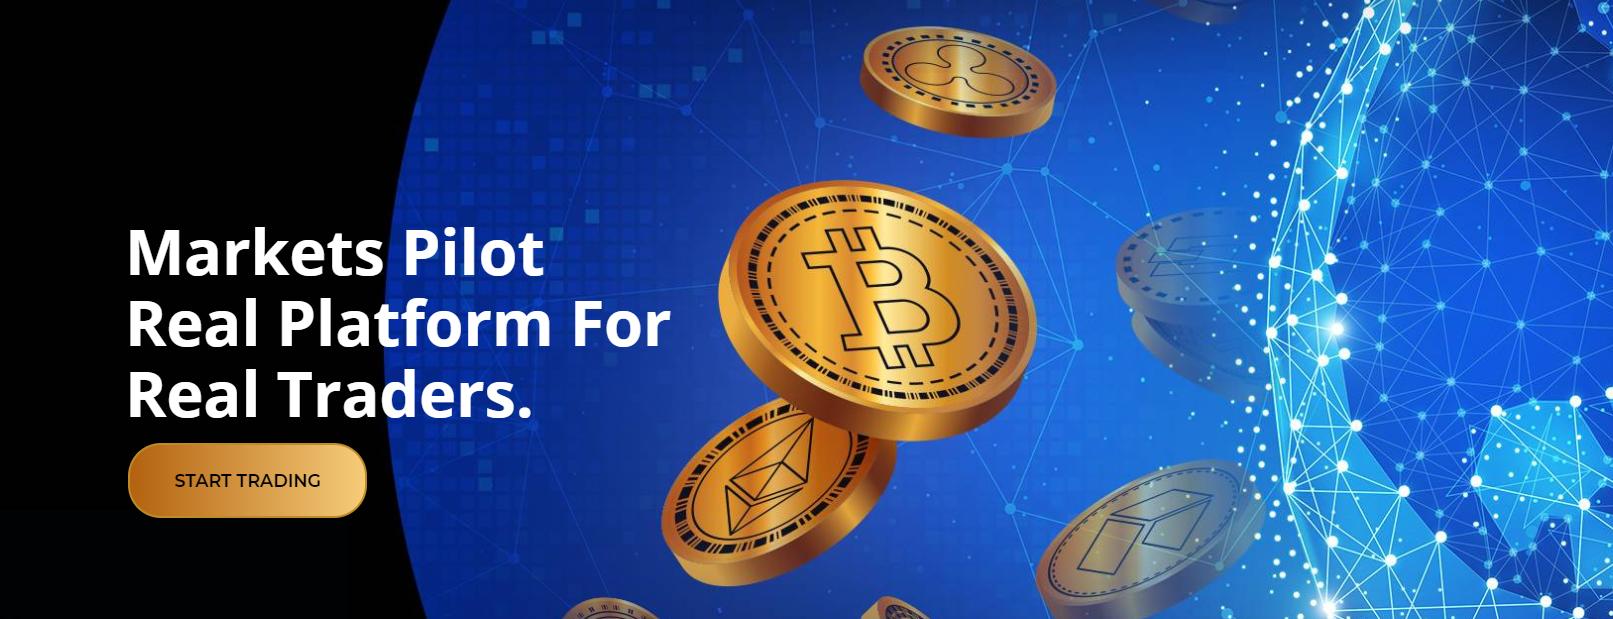 marketspilot crypto trading